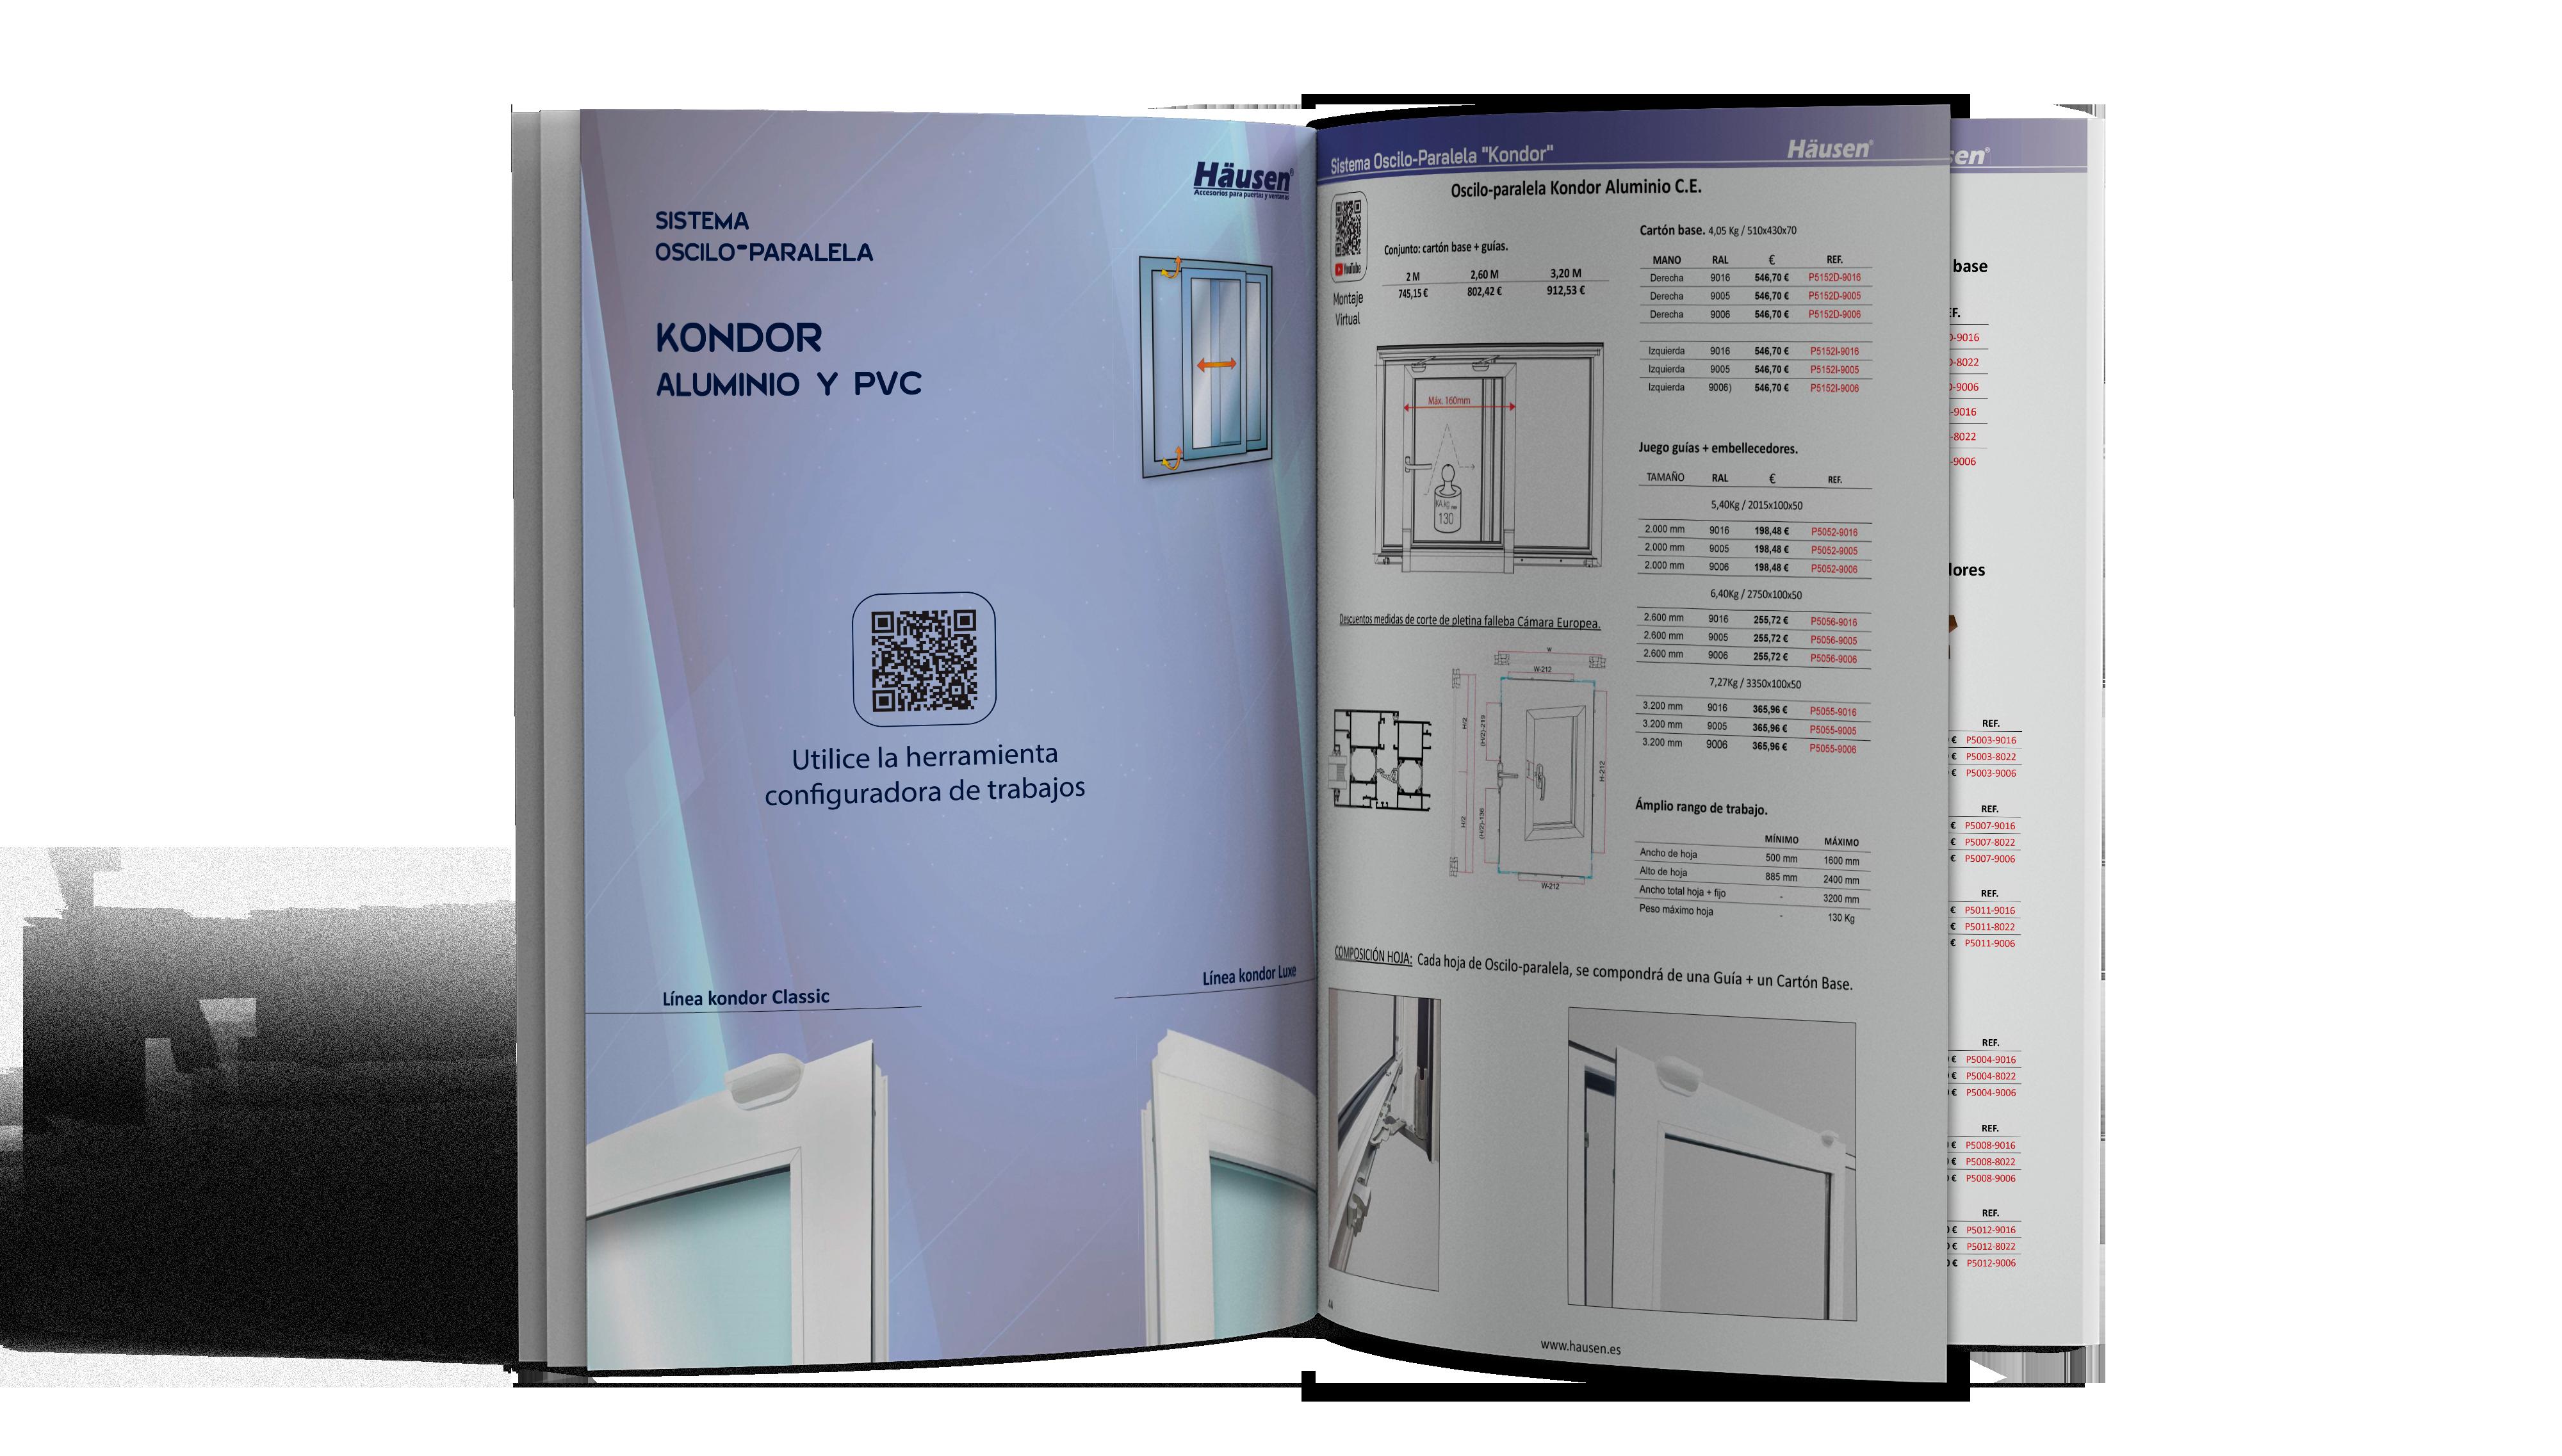 Catálogo Oscilo Paralela Kondor